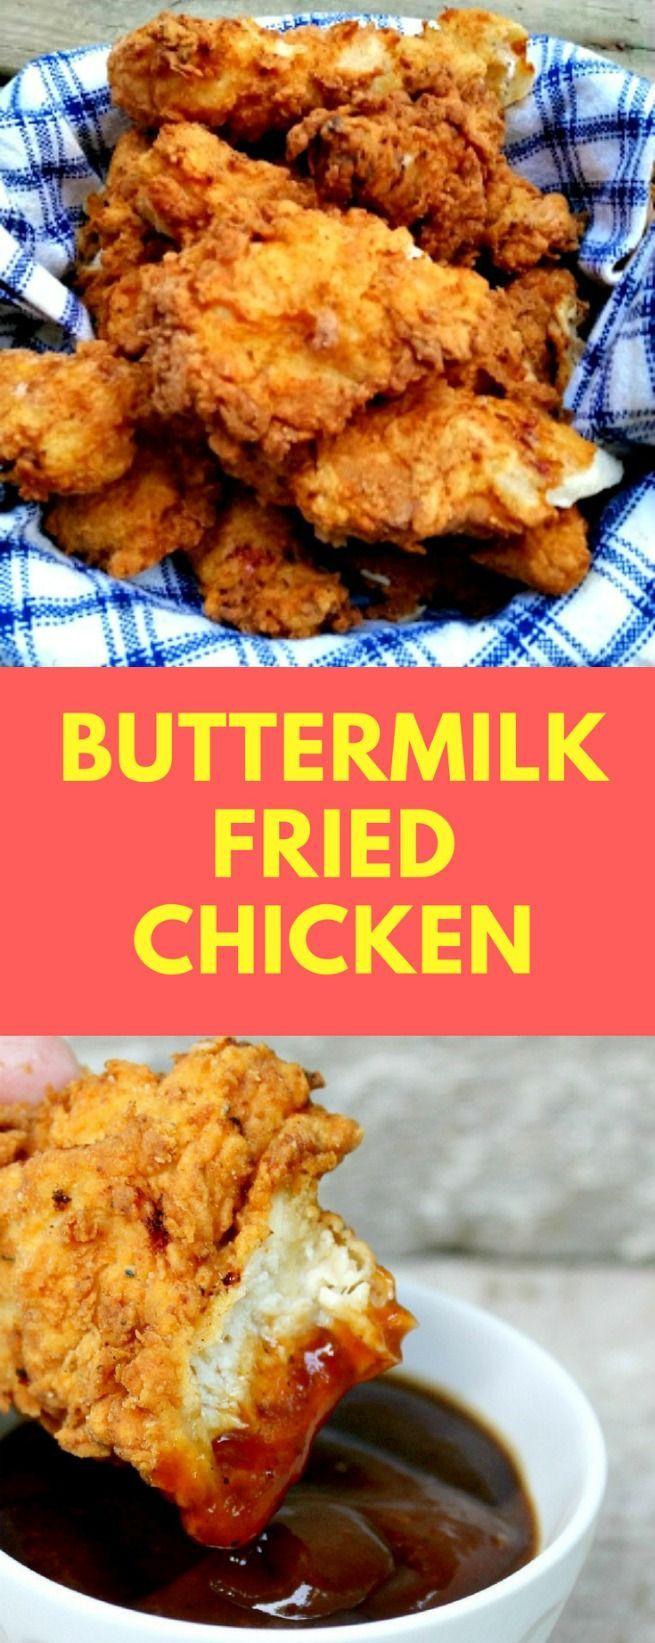 Buttermilk Fried Chicken Recipe Fried Chicken Recipe Easy Fried Chicken Recipes Easy Chicken Recipes